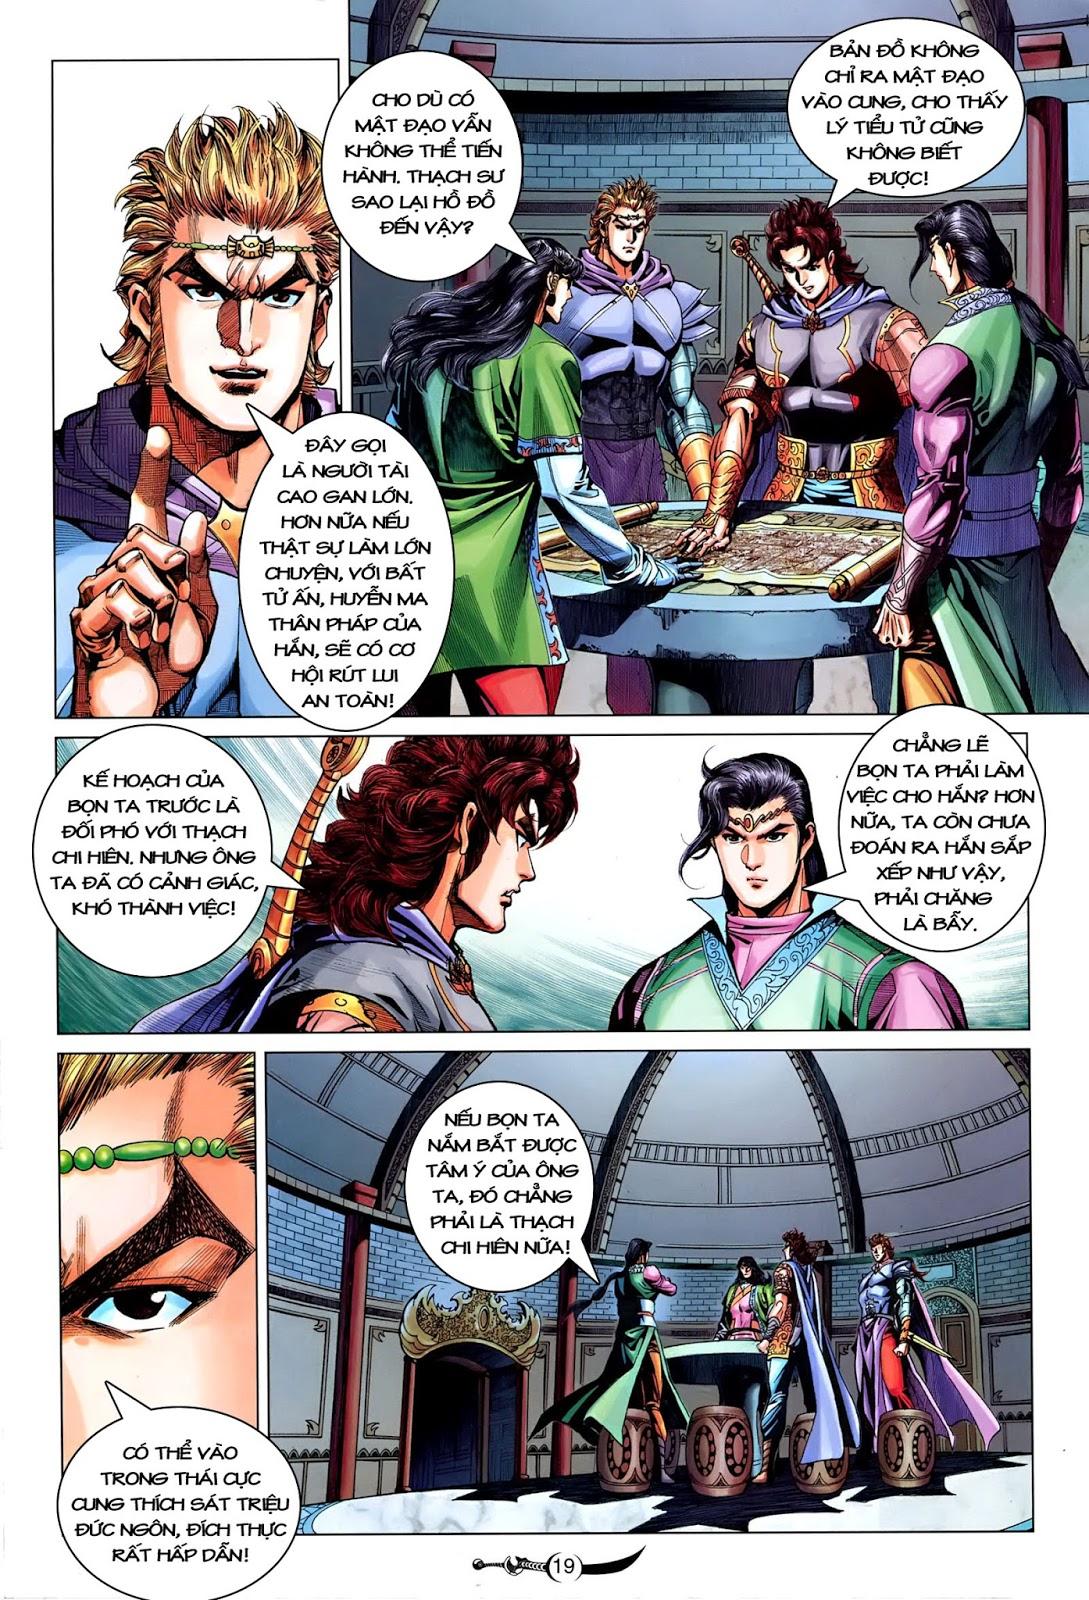 Đại Đường Song Long Truyện chap 216 - Trang 21